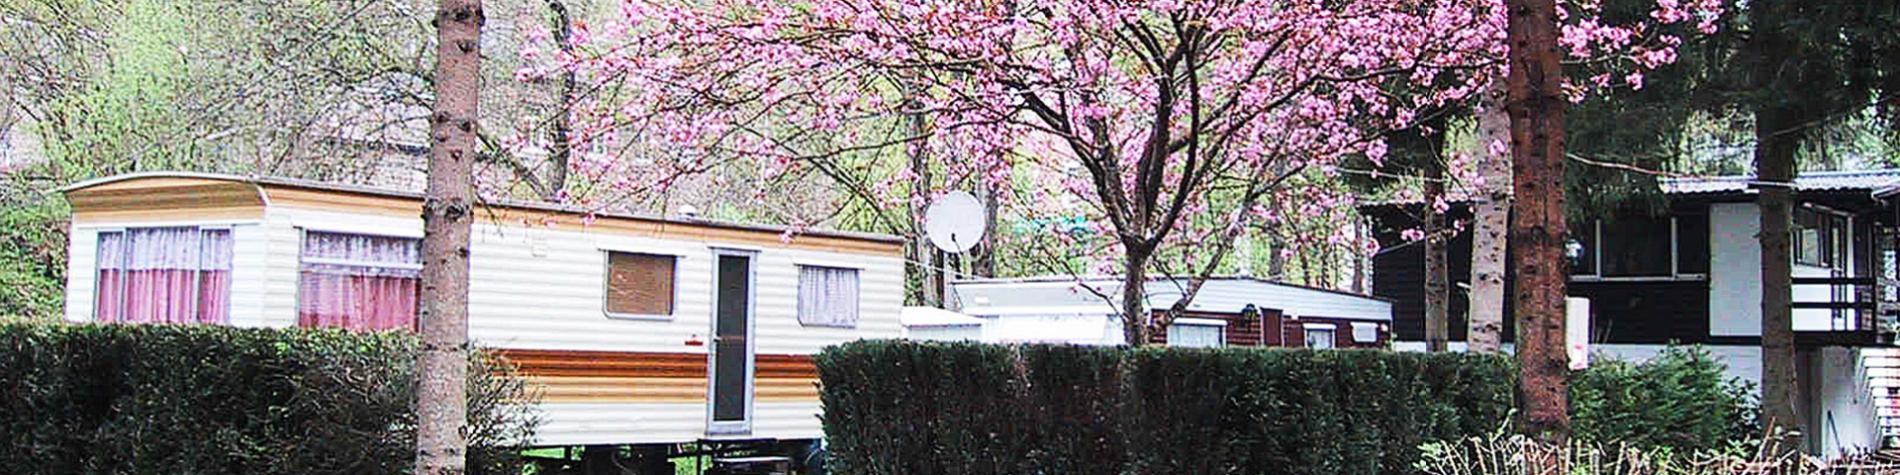 Camping - Marcourt - Rendeux - une cafétaria avec terrasse. un terrain de pétanque. activités organisées - soirées musicales - aire de jeux - bibliothèque